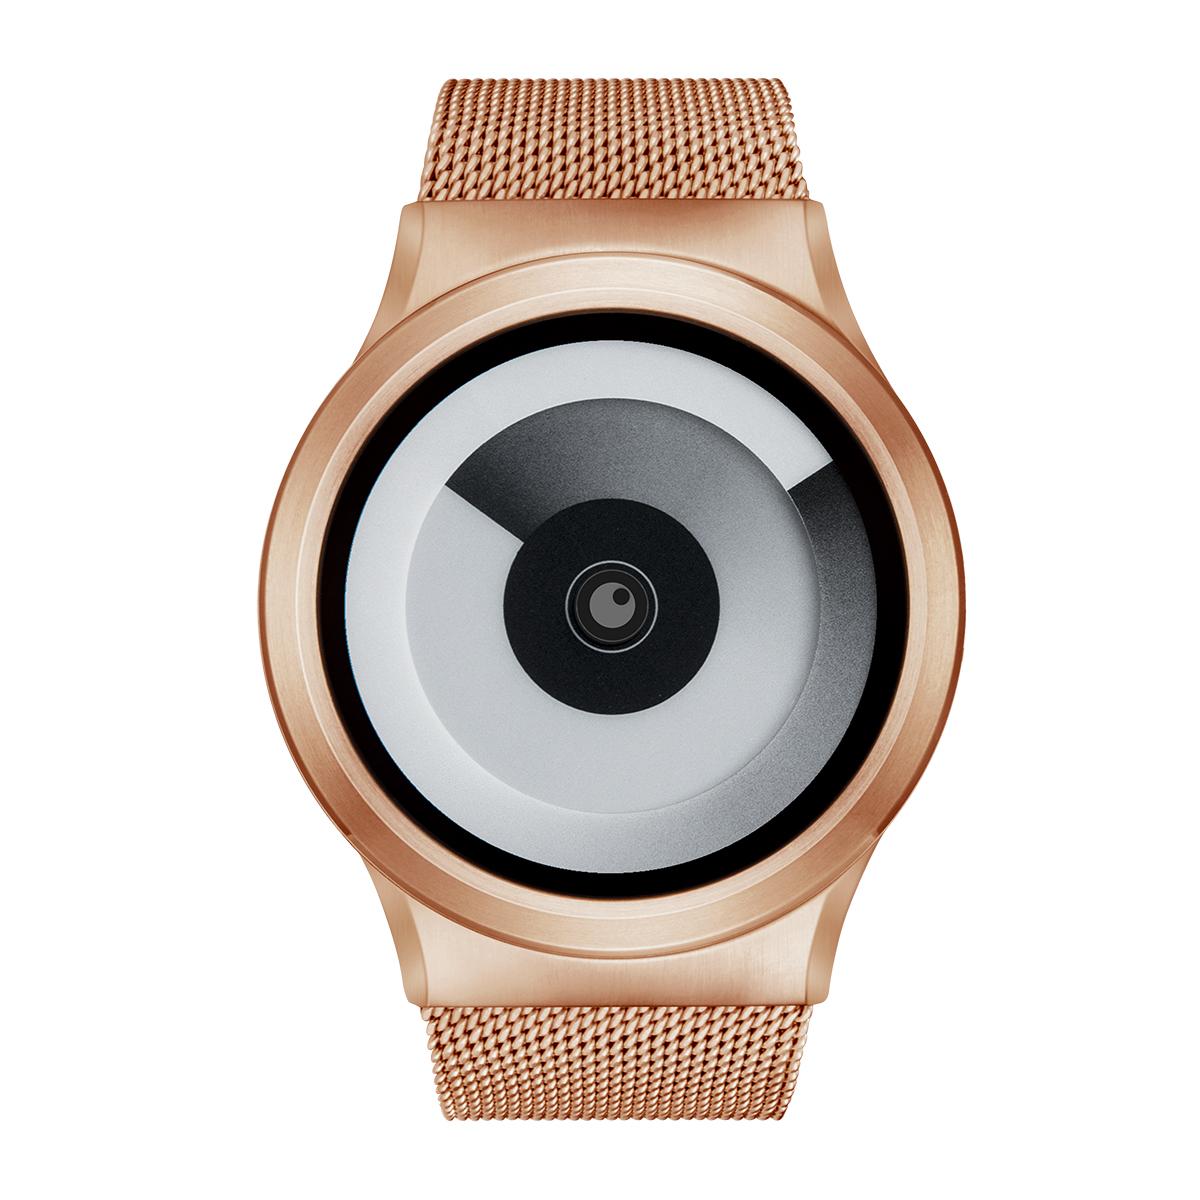 1886df9633 ZEROO SPIRAL GALAXY ゼロ 電池式クォーツ 腕時計 [W06016B05SM05] ホワイト デザインウォッチ ペア用 メンズ  レディース ユニセックス おしゃれ時計 デザイナーズ ...